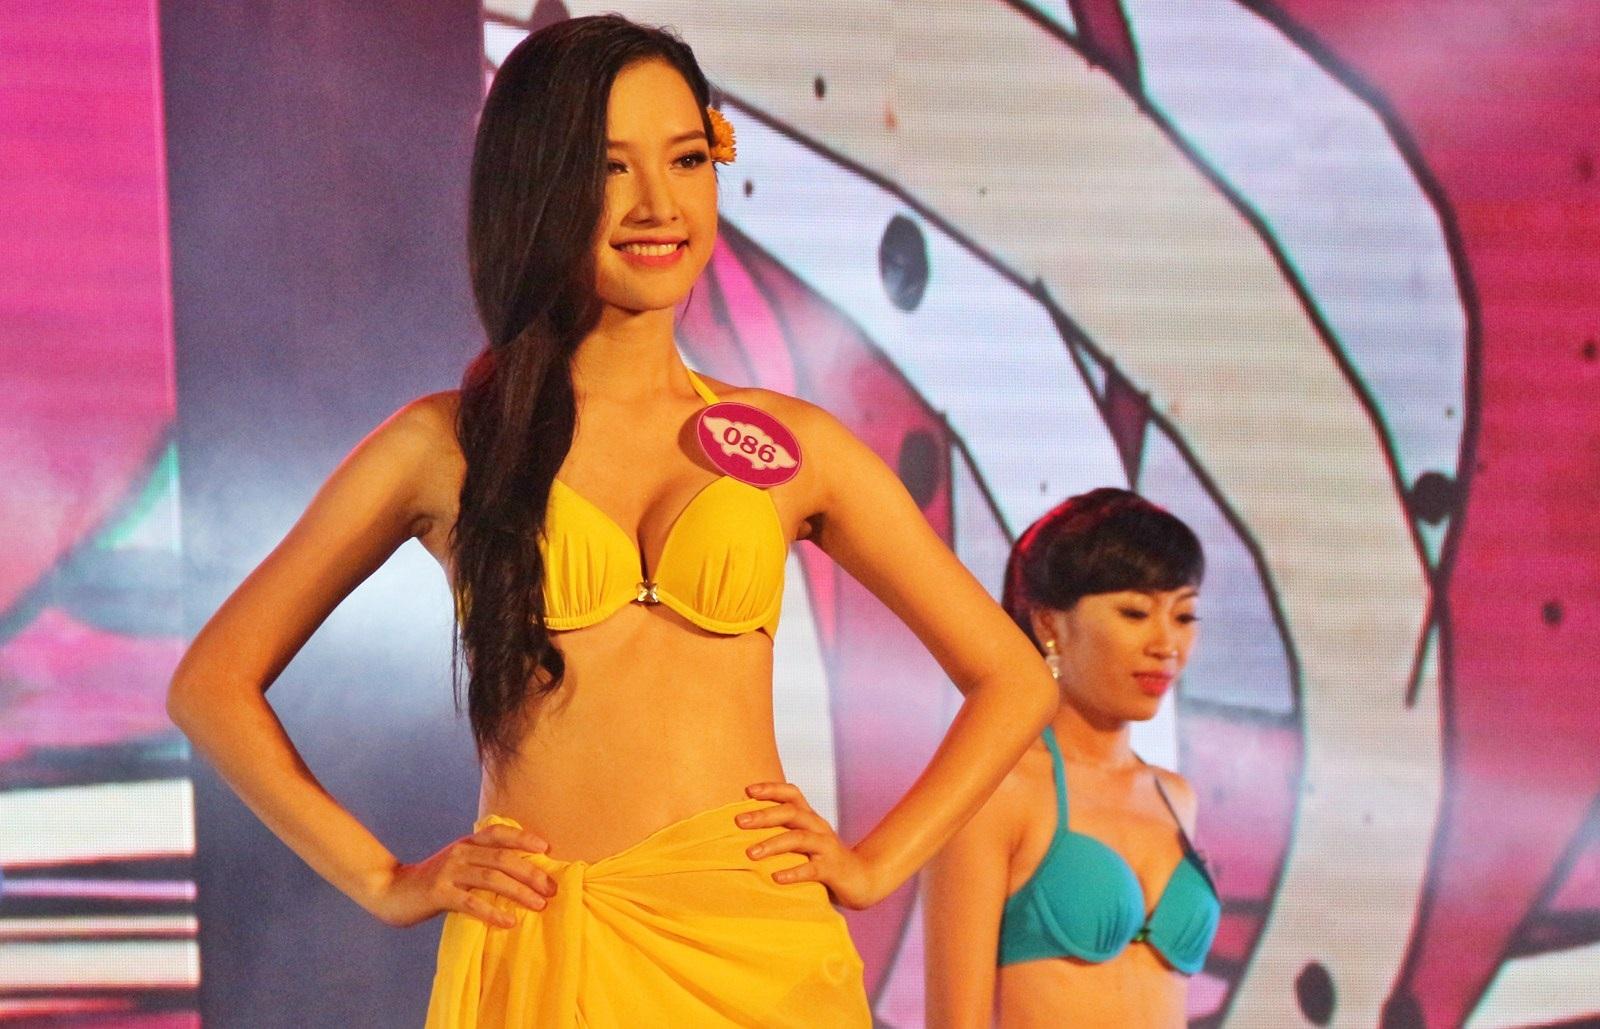 Nữ sinh Báo chí đăng quang Người đẹp du lịch Huế - 7